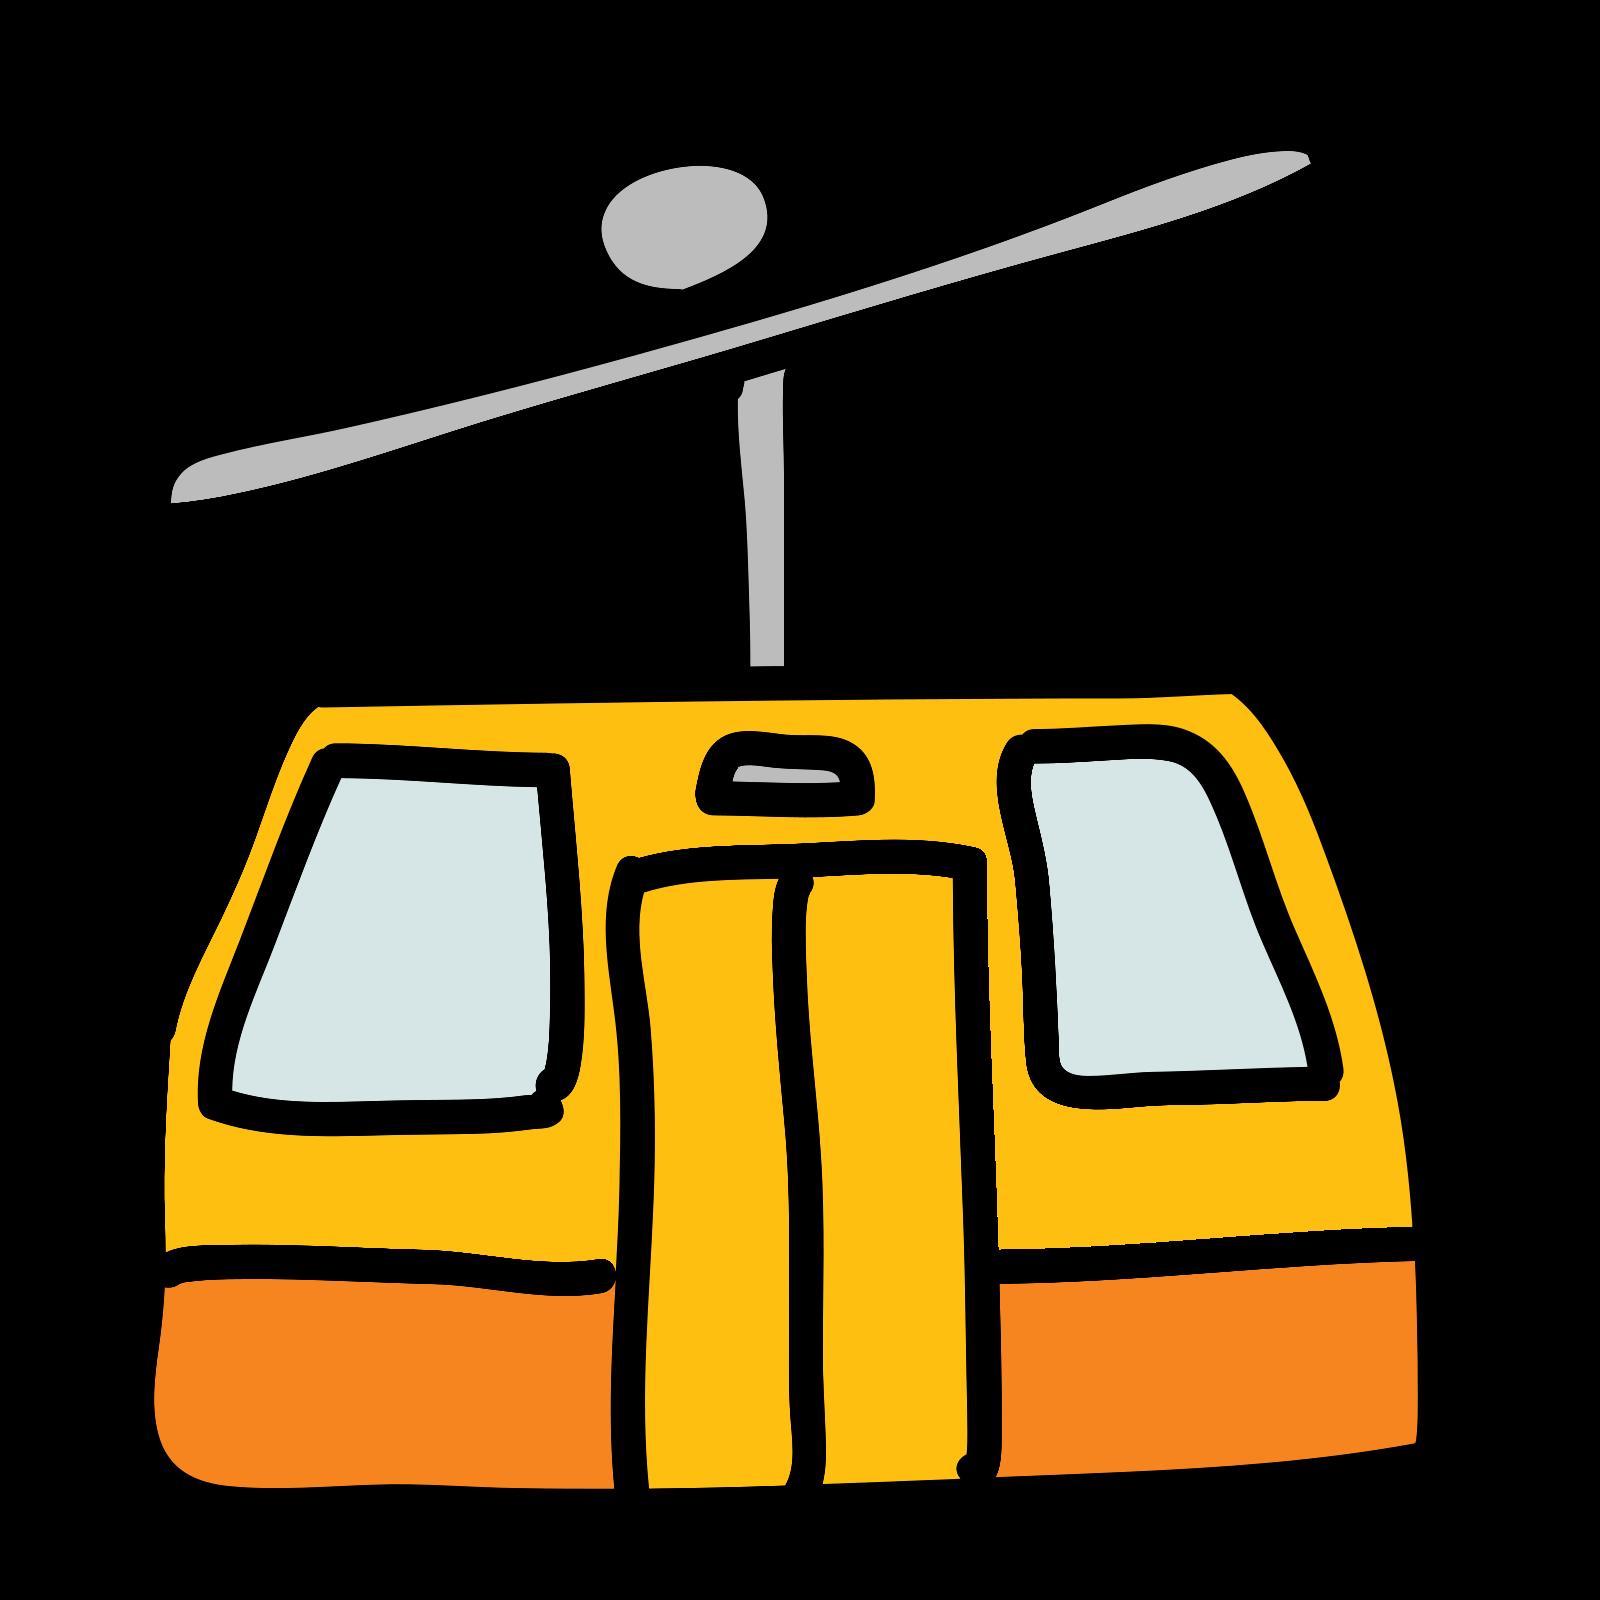 Winda narciarska icon